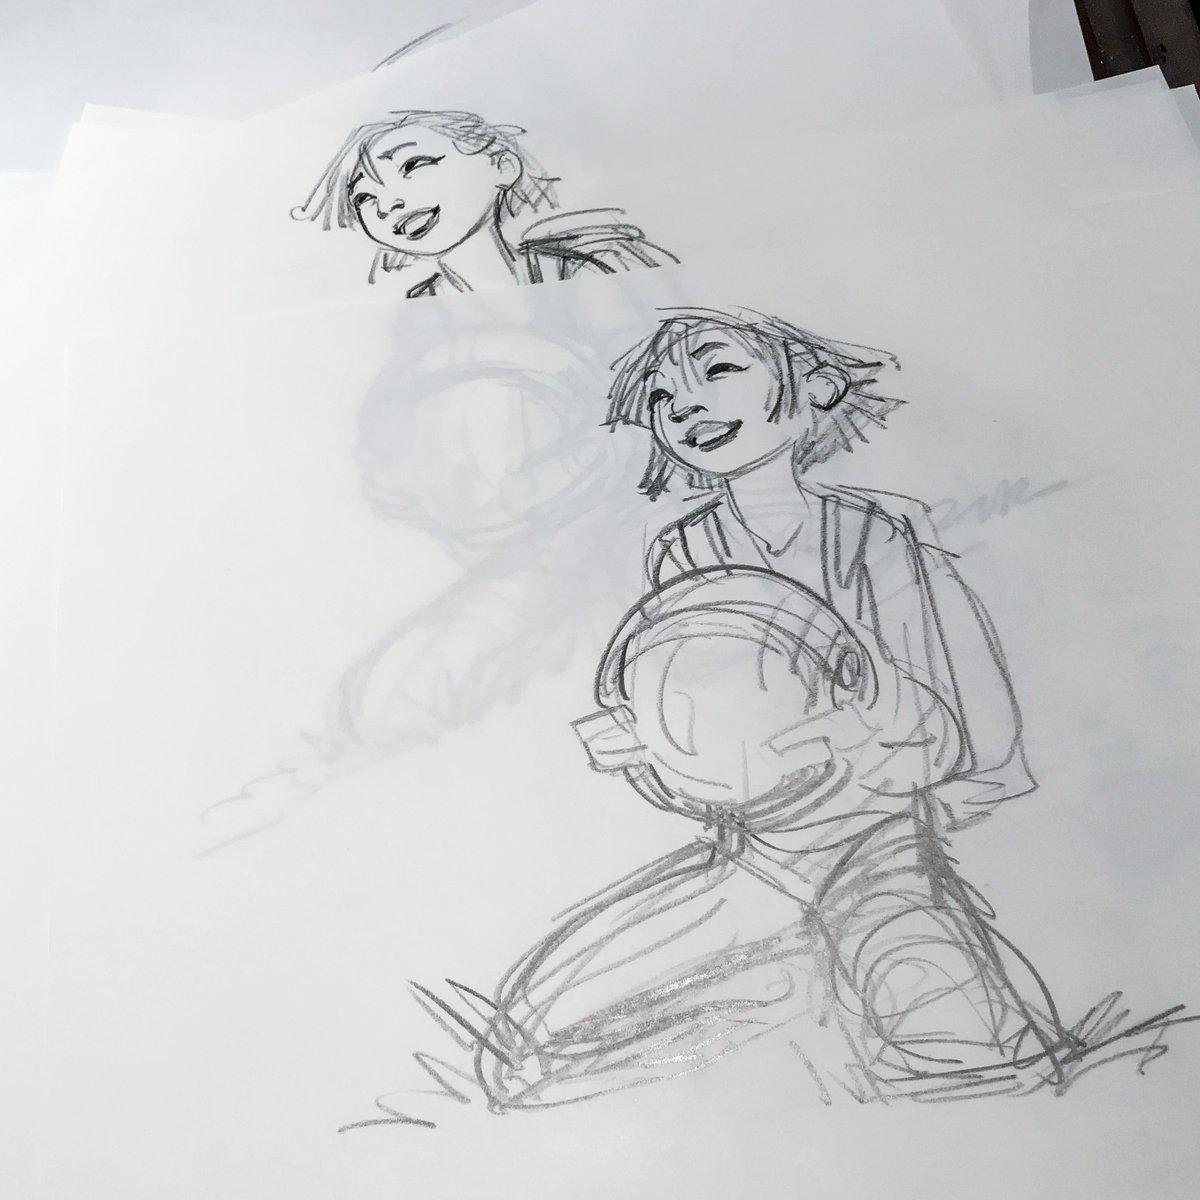 Glen Keane - Sketch - Fei Fei